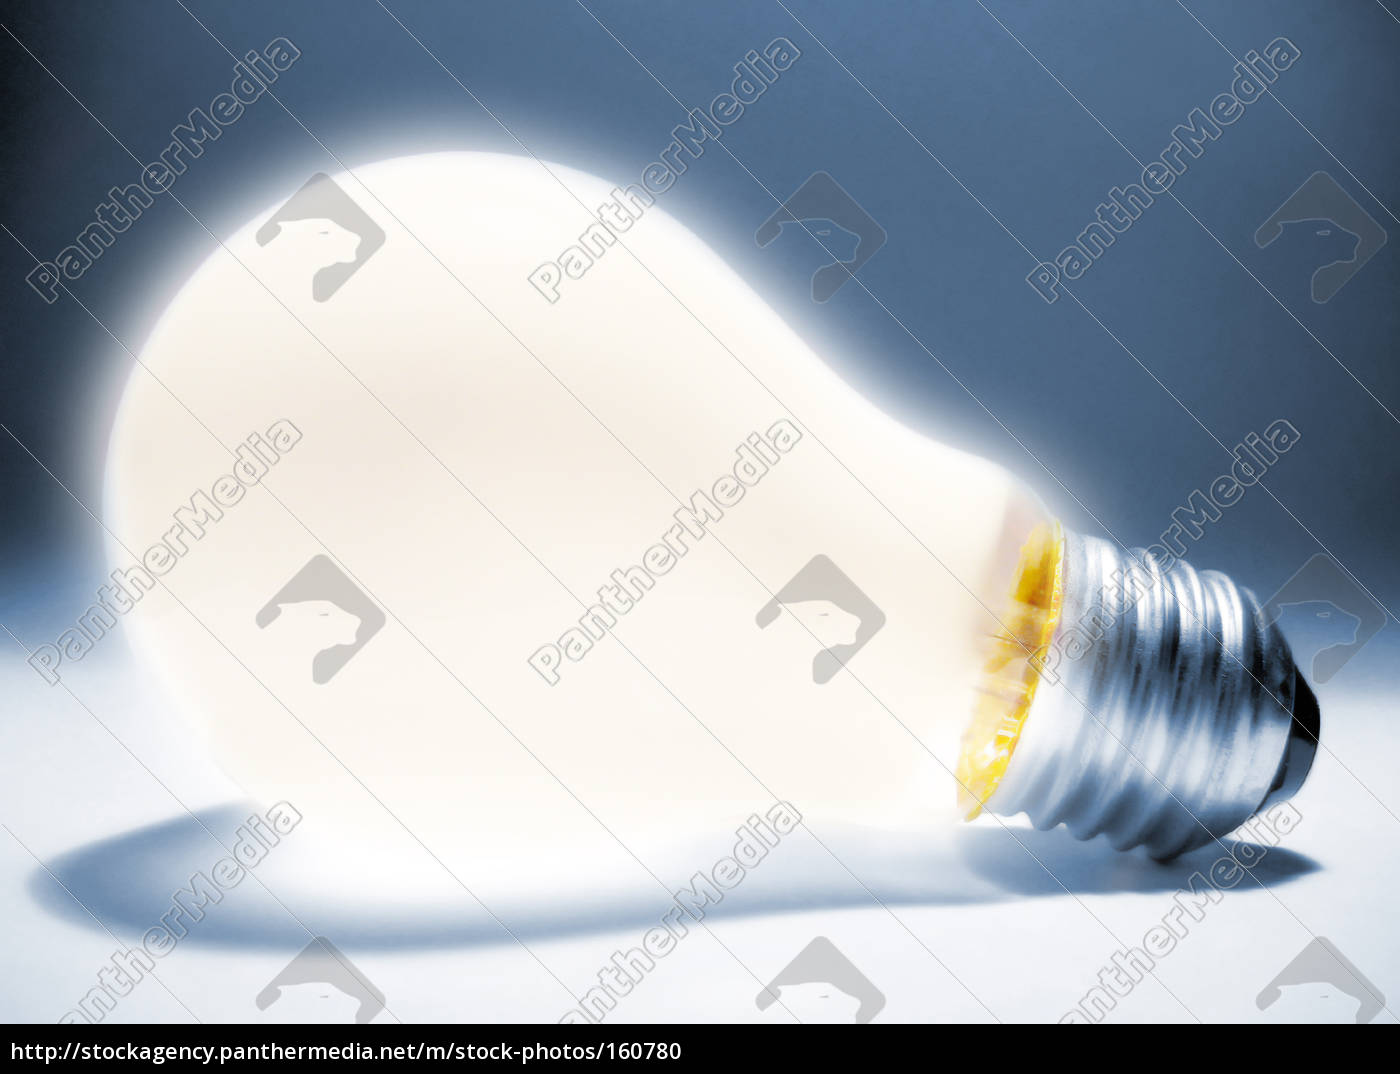 bulb - 160780